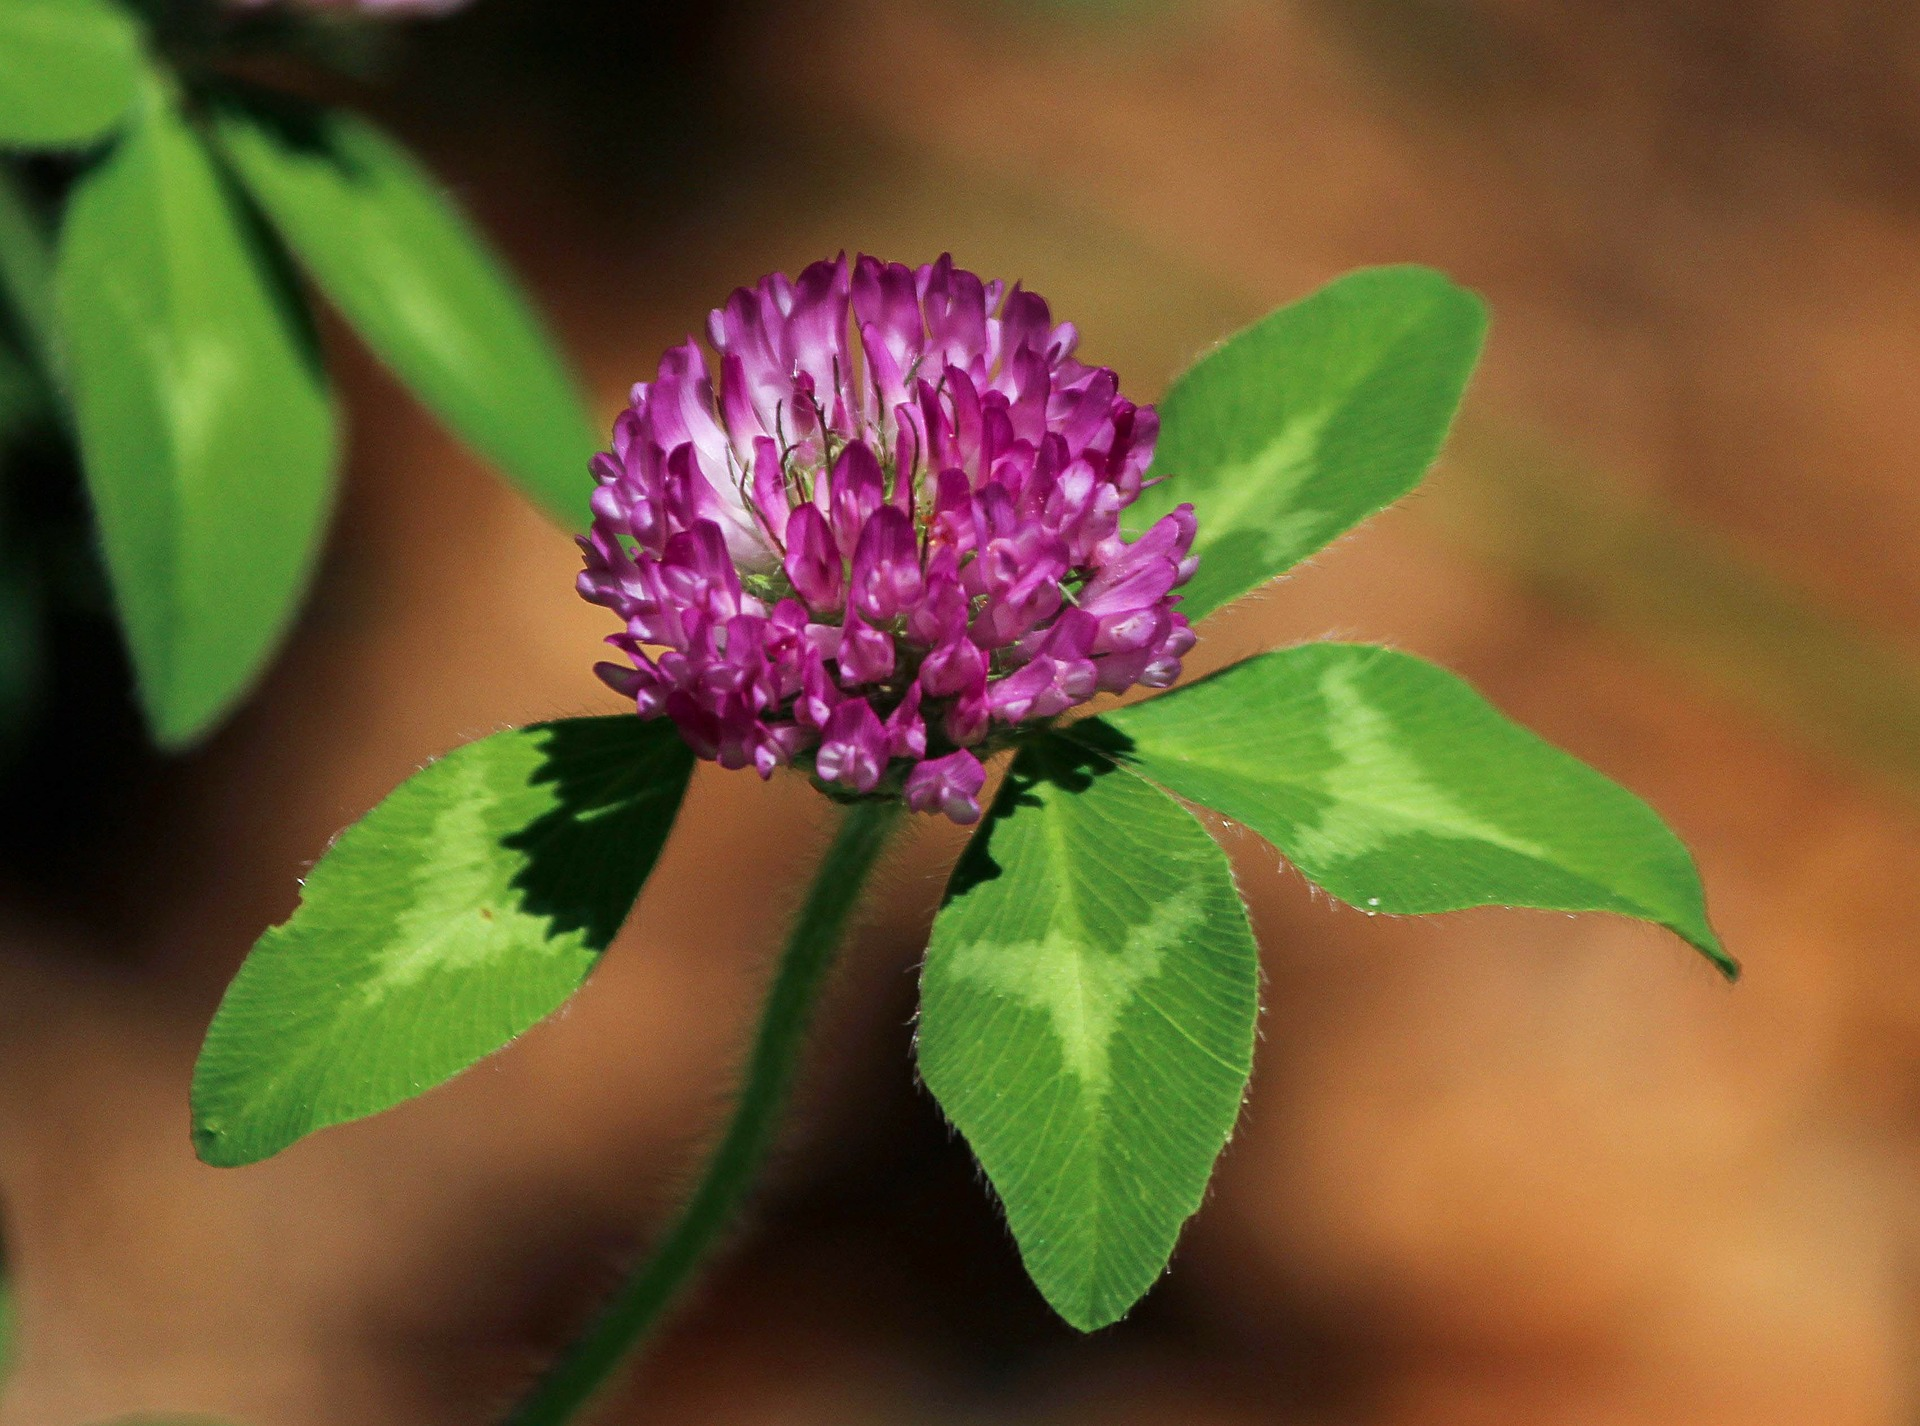 red-clover-flower-113867_1920.jpg